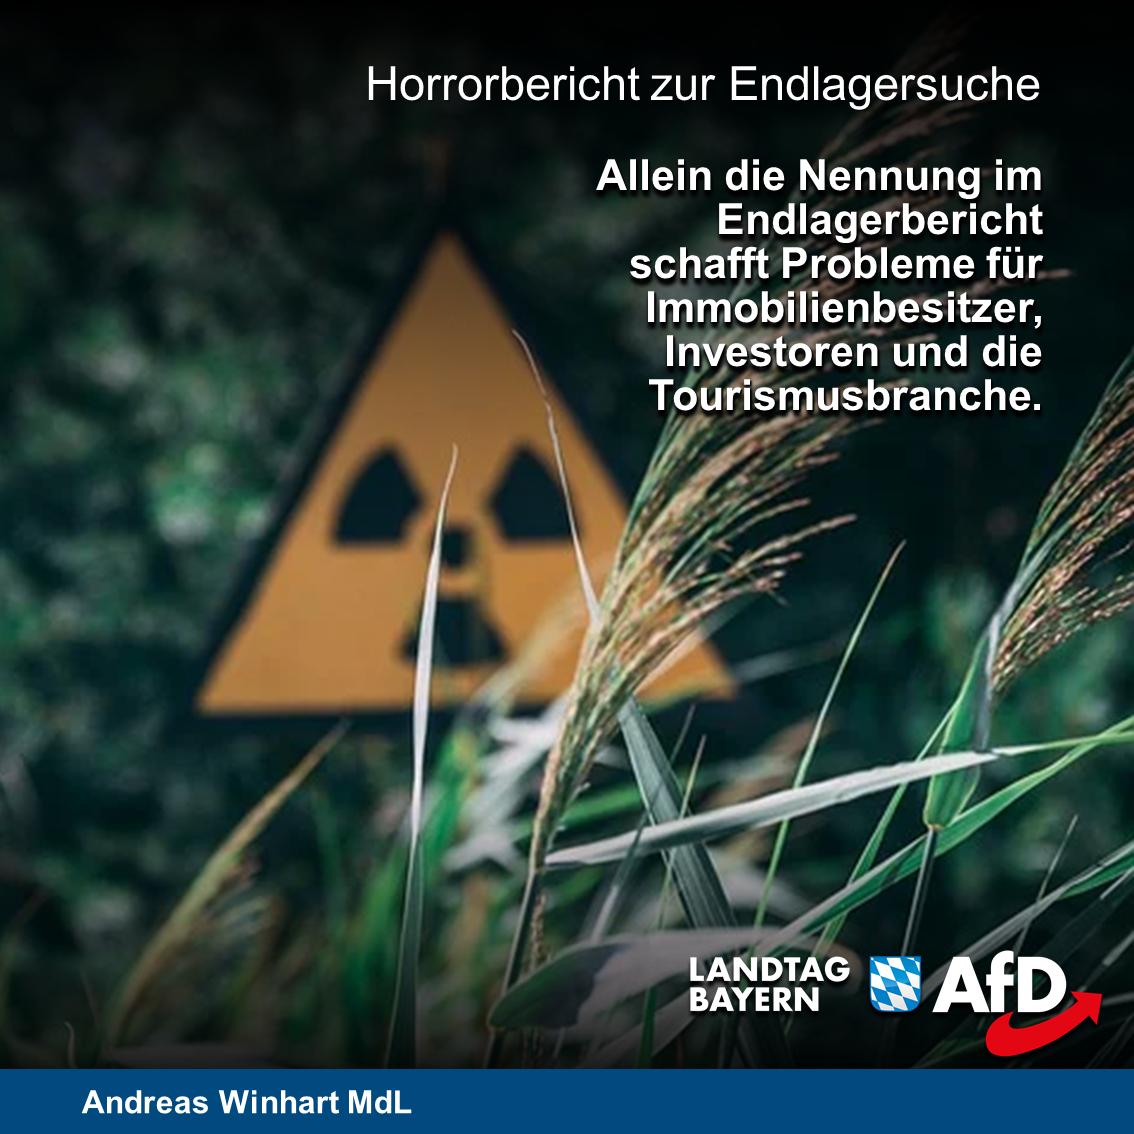 AfD-Presseservice:  Atommüllendlager in Süd-Ost-Oberbayern konsequent verhindern